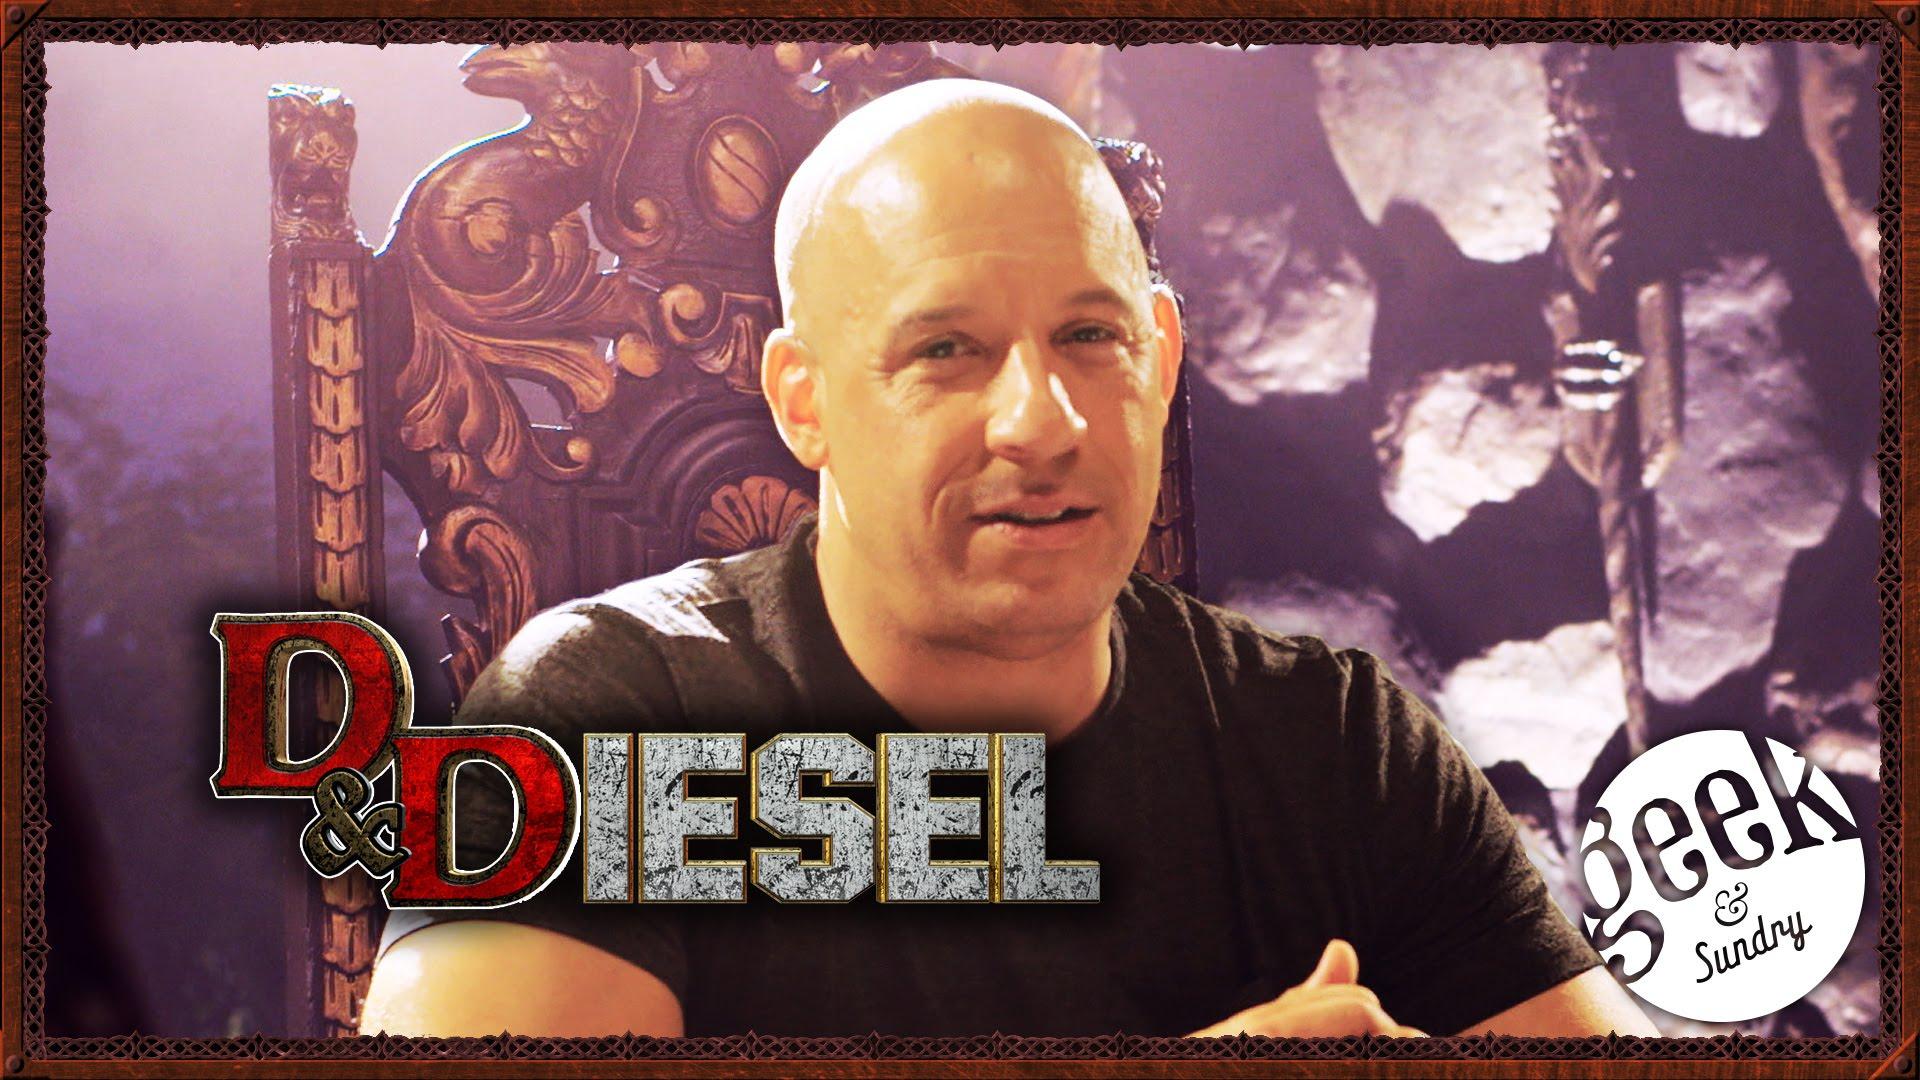 """Vin Diesel spielt Dungens & Dragons, um seinen Film """"The Last Witch Hunter"""" zu promoten"""